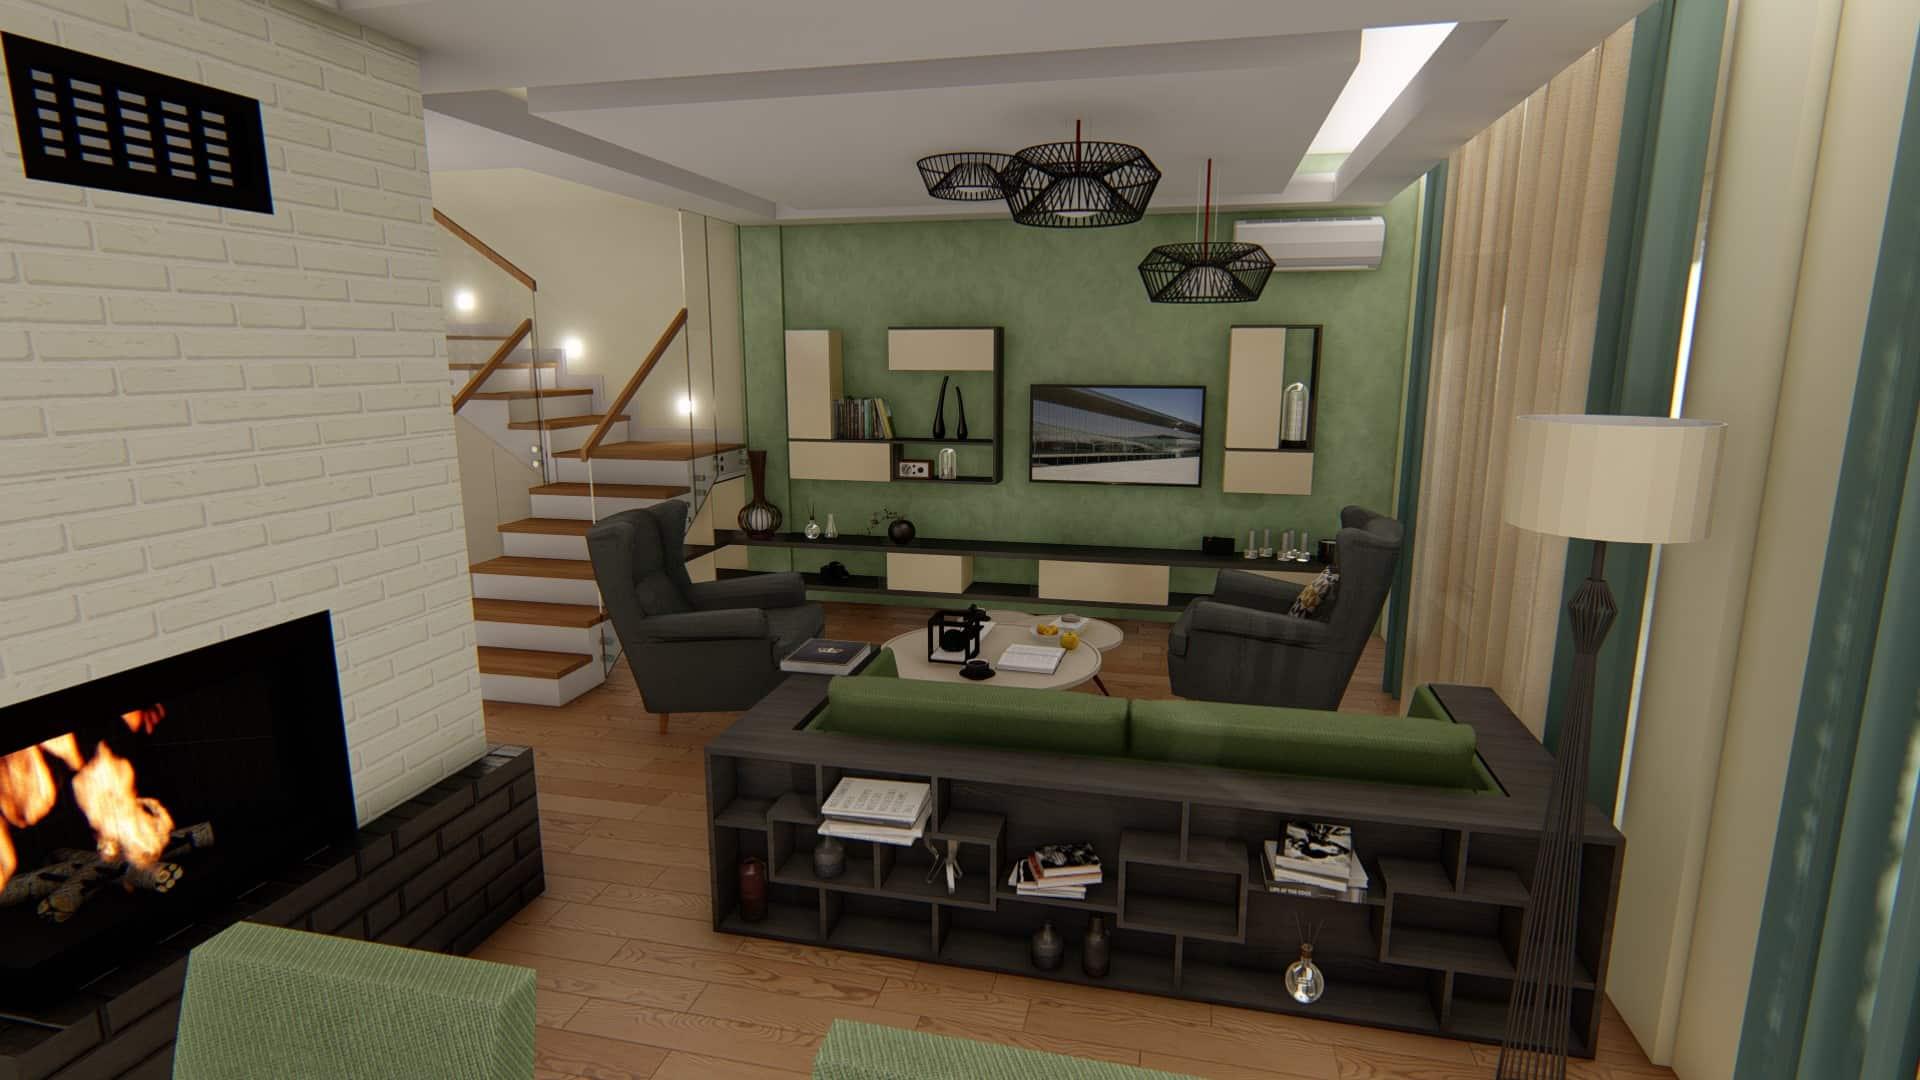 camera de zi verde spatioasa